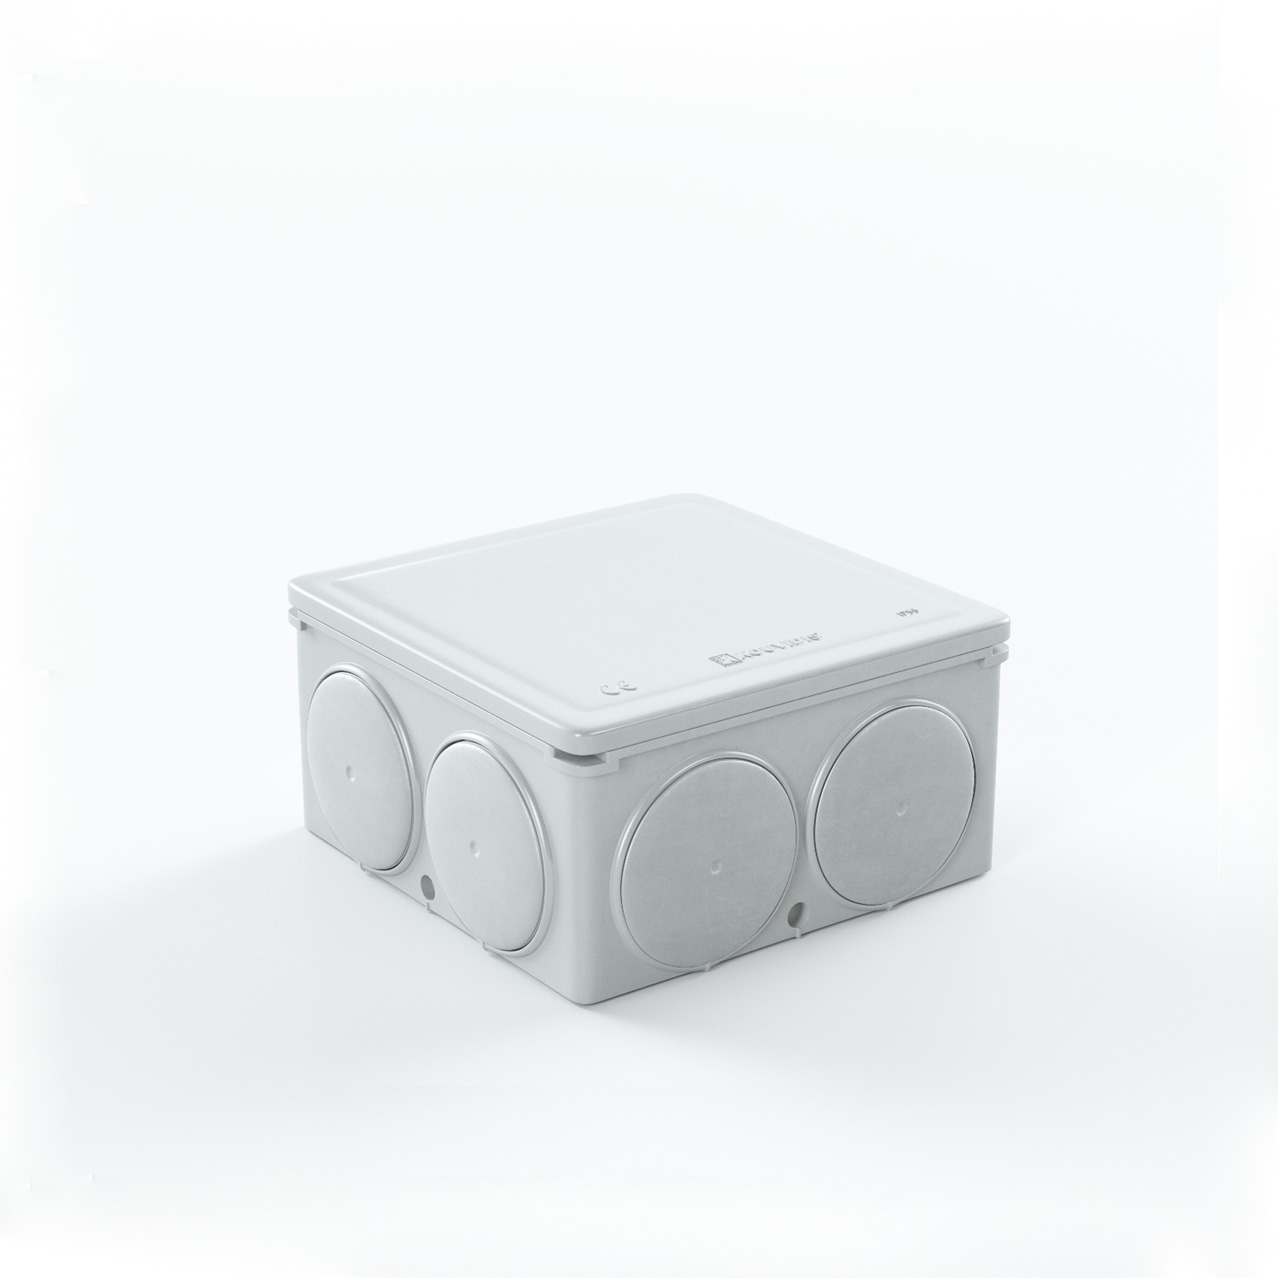 Στεγανό Τετράγωνο Κουτί Διακ/Σεως Condur Iar Με Ίσιες Τάπες Φ25/32